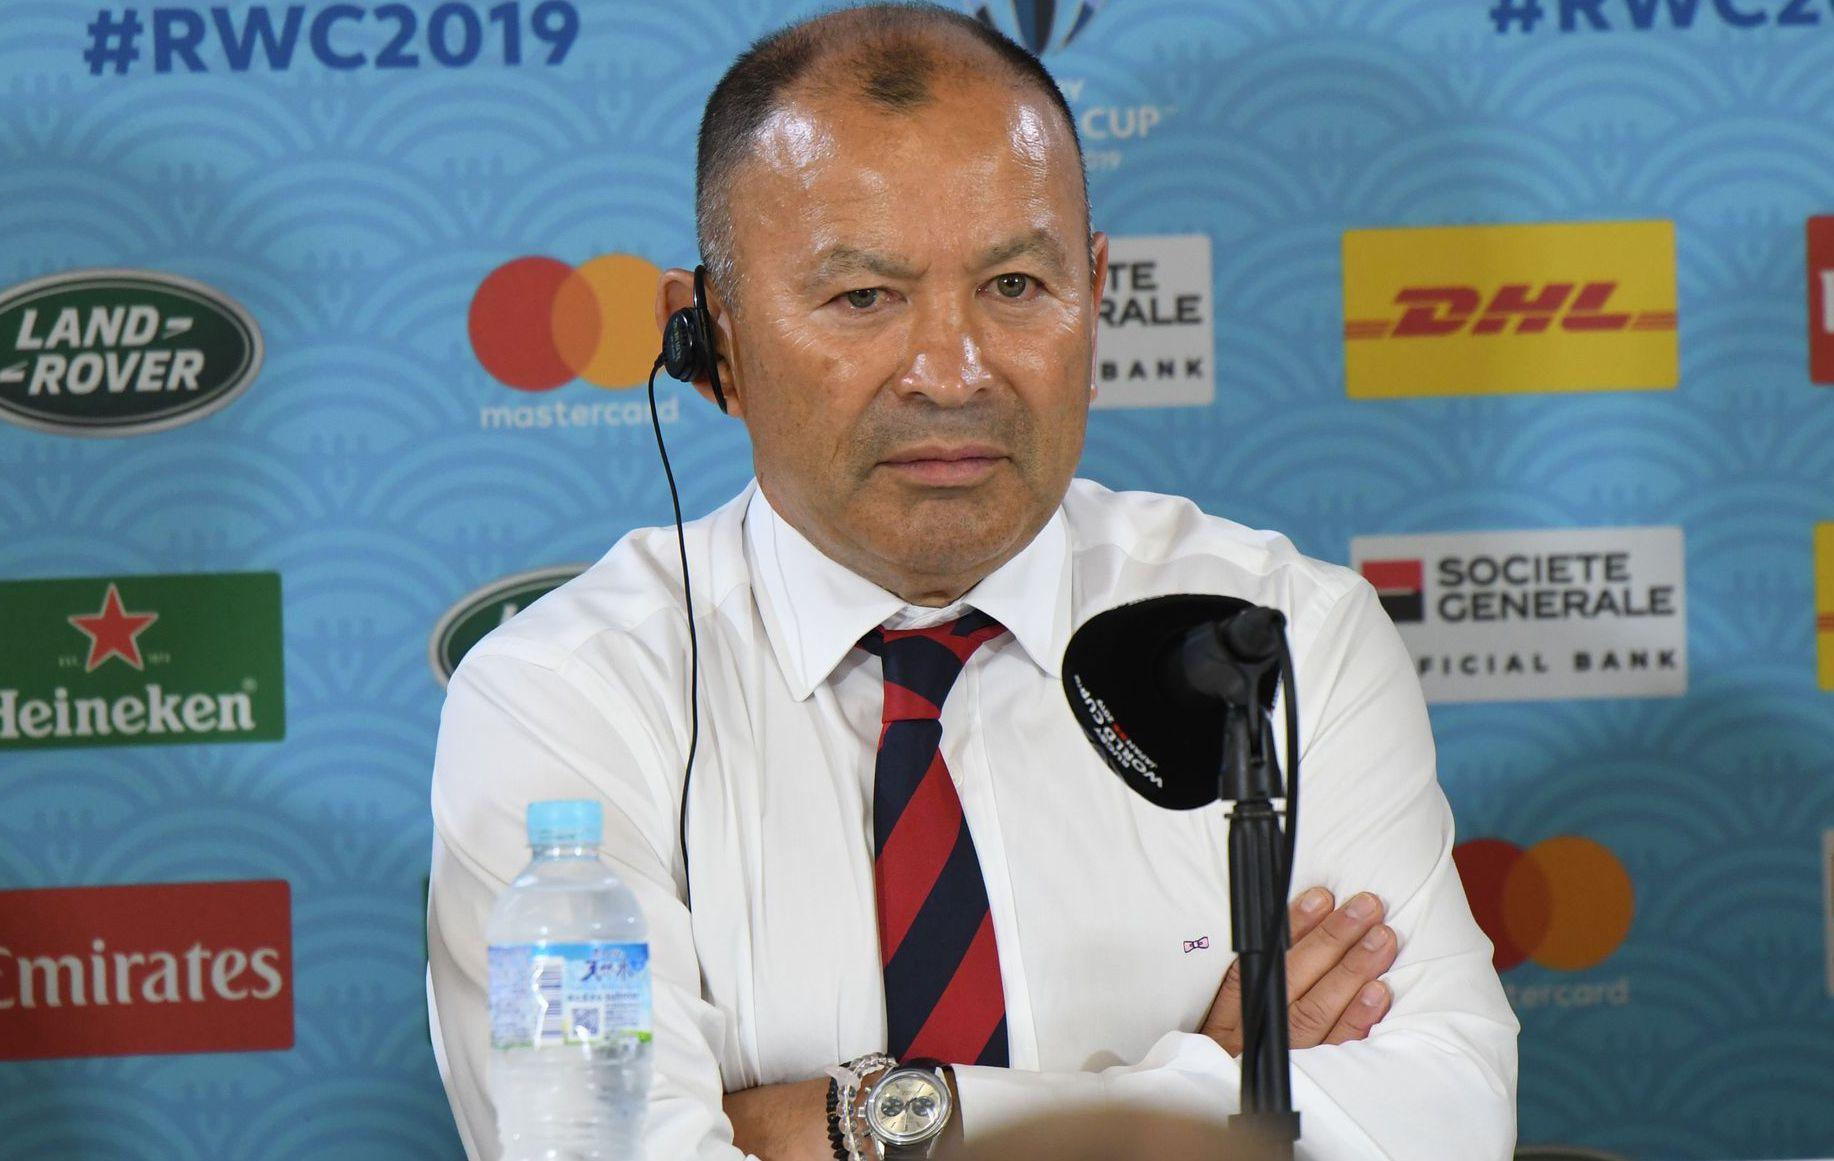 Rugby - Coupe du monde 2019 - Coupe du monde : Eddie Jones enrage, l'Angleterre a été espionné